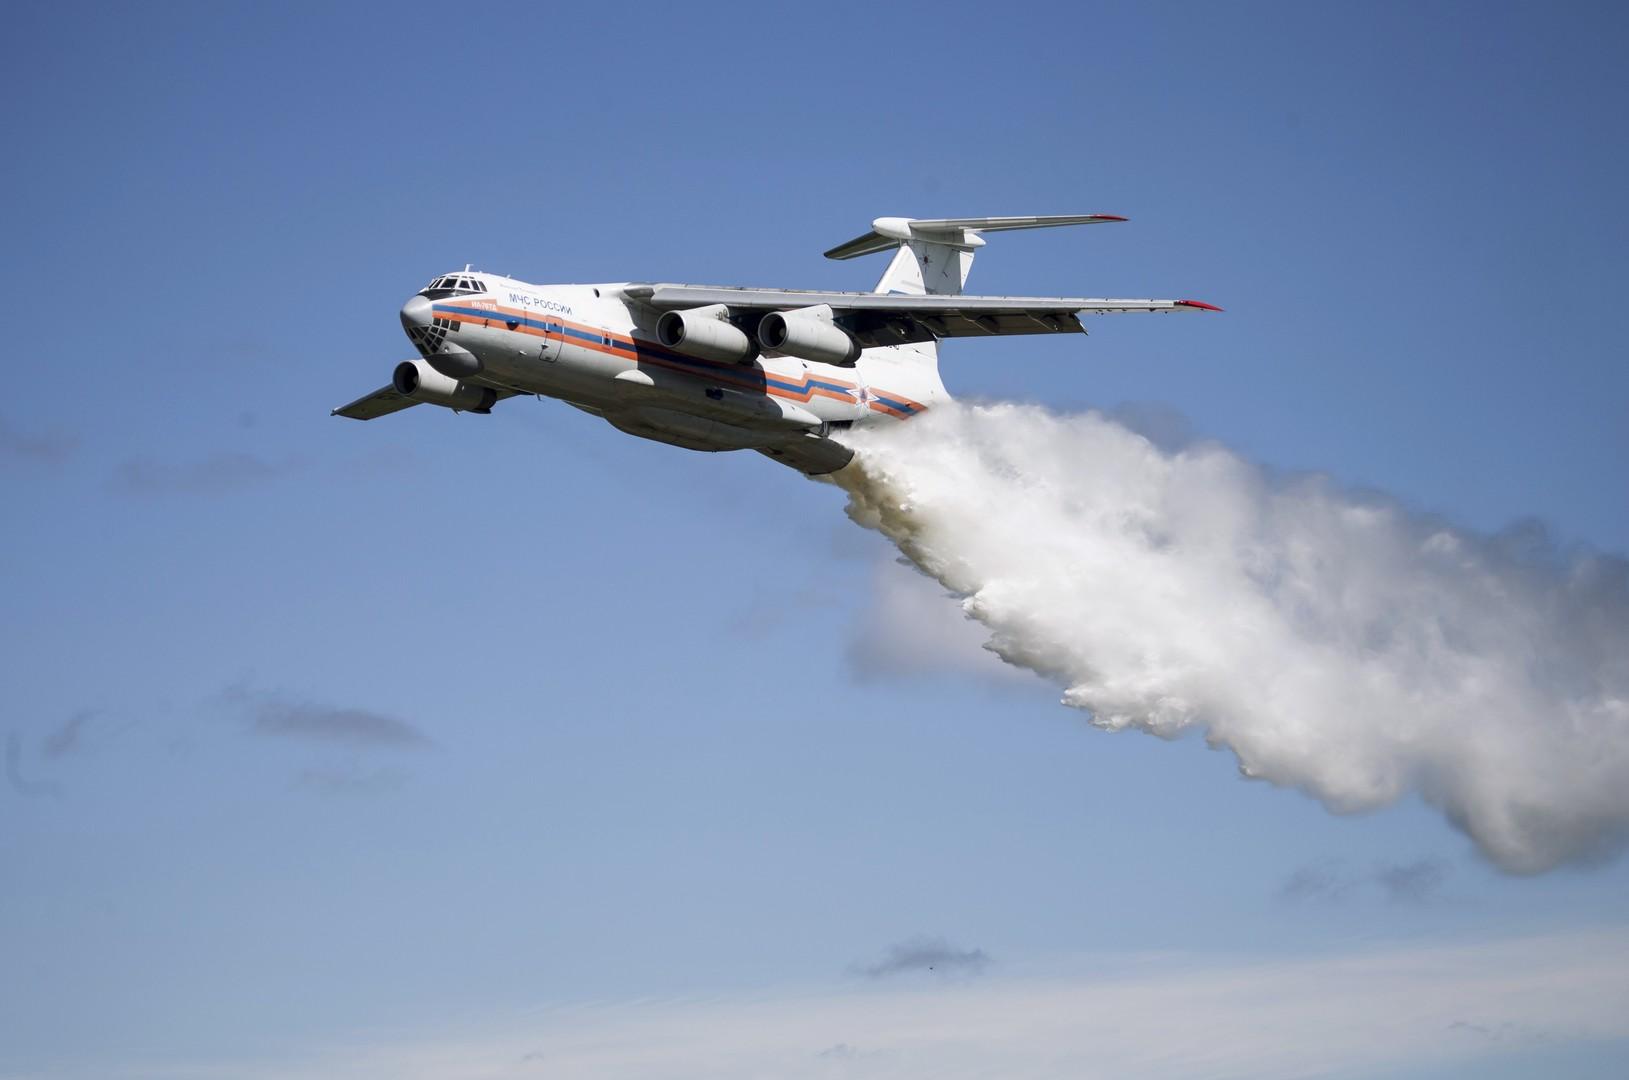 Исчезновение самолёта Ил-76 МЧС РФ — хроника событий